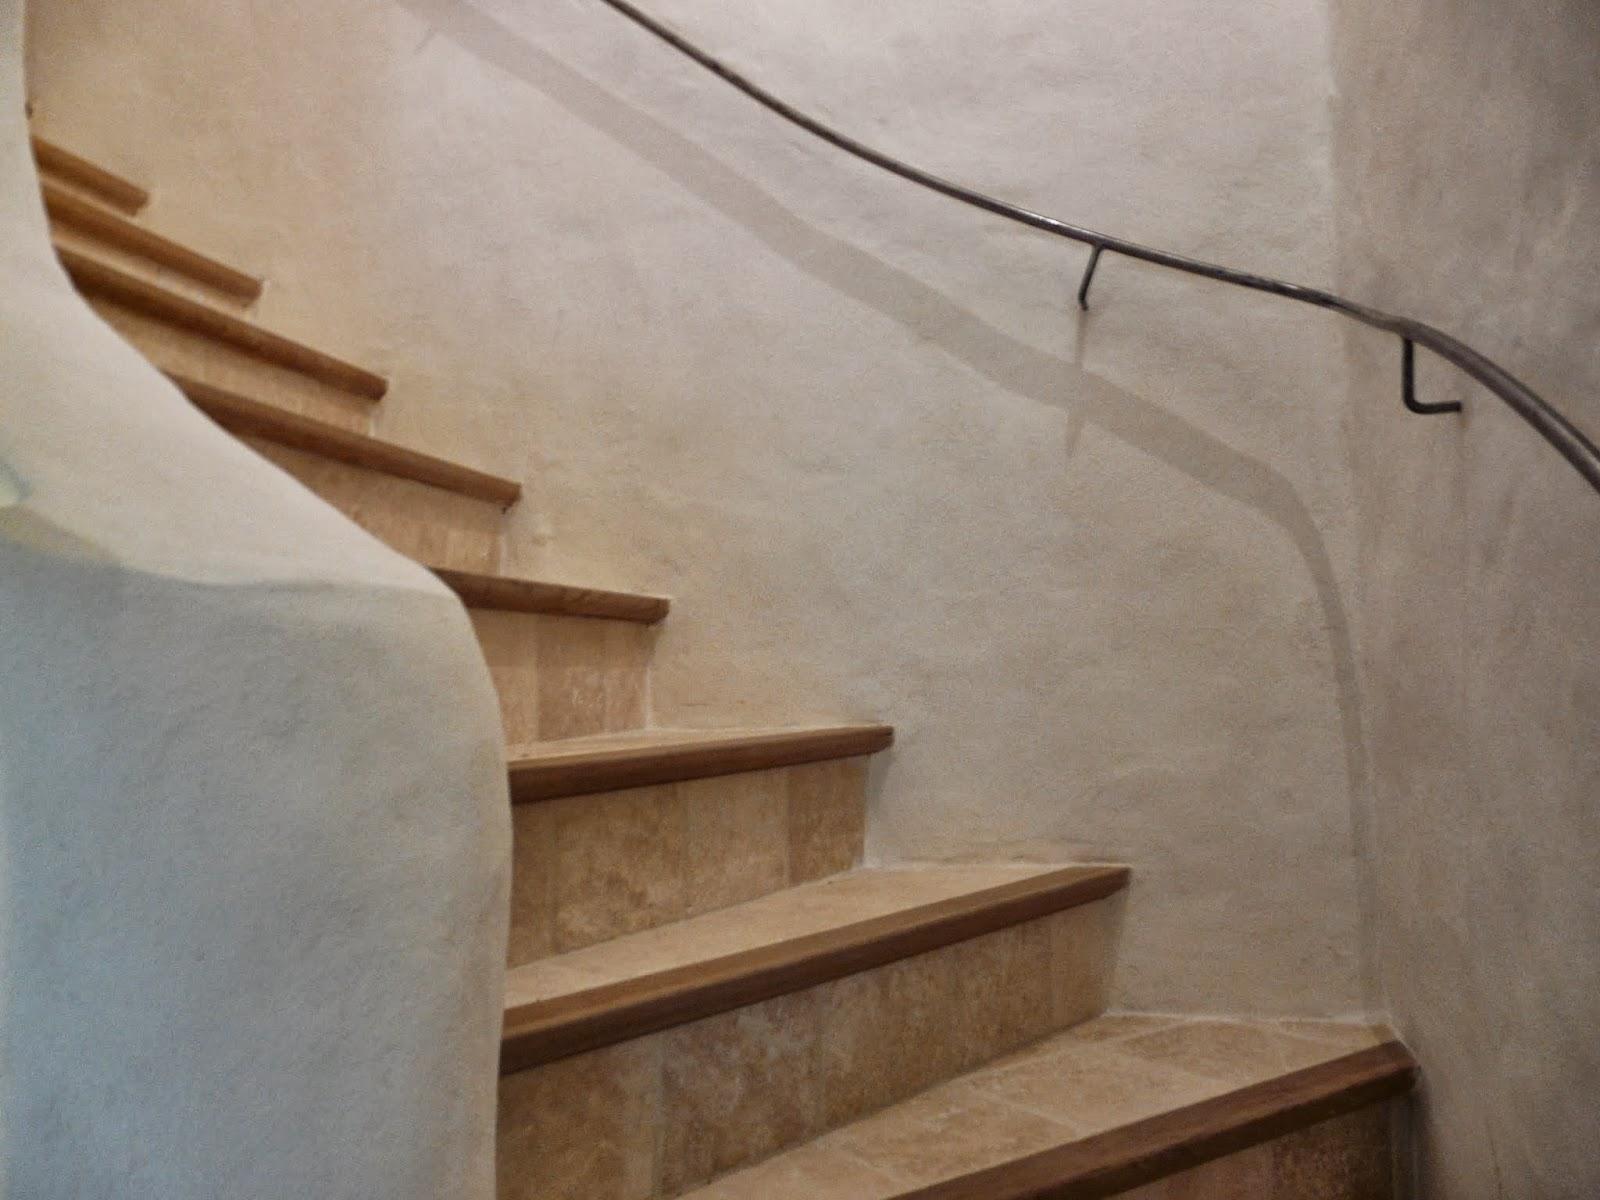 Patines and chaux les remparts de cuculles lauret for Enduits a la chaux pour interieur